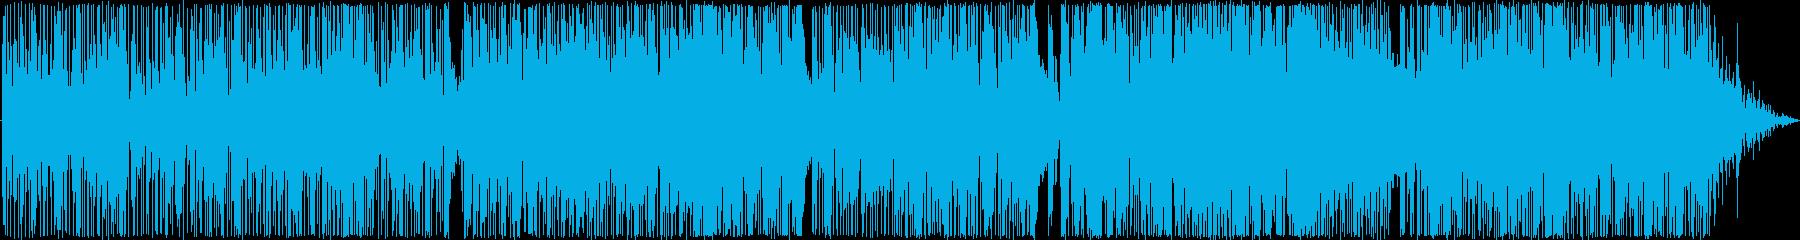 ゆったりとしたファンキーなブルースロックの再生済みの波形